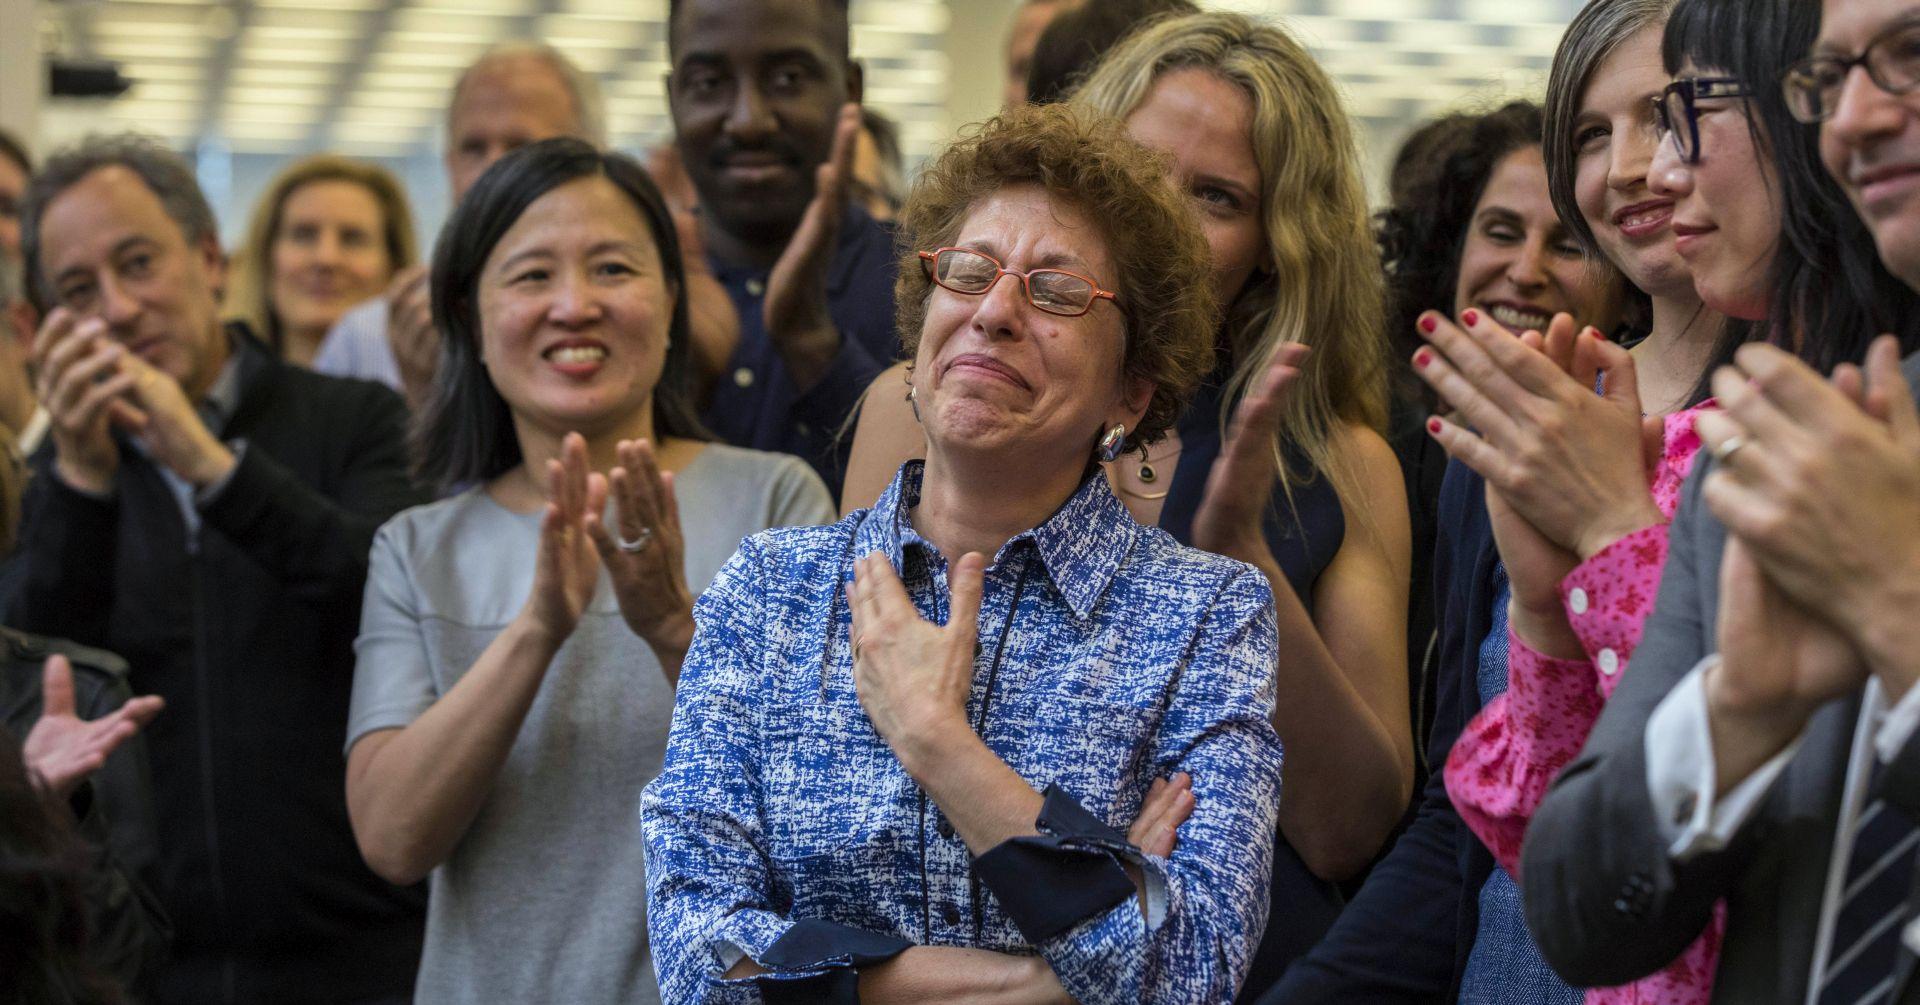 Pulitzer medijima koji su razotkrili aferu Weinstein